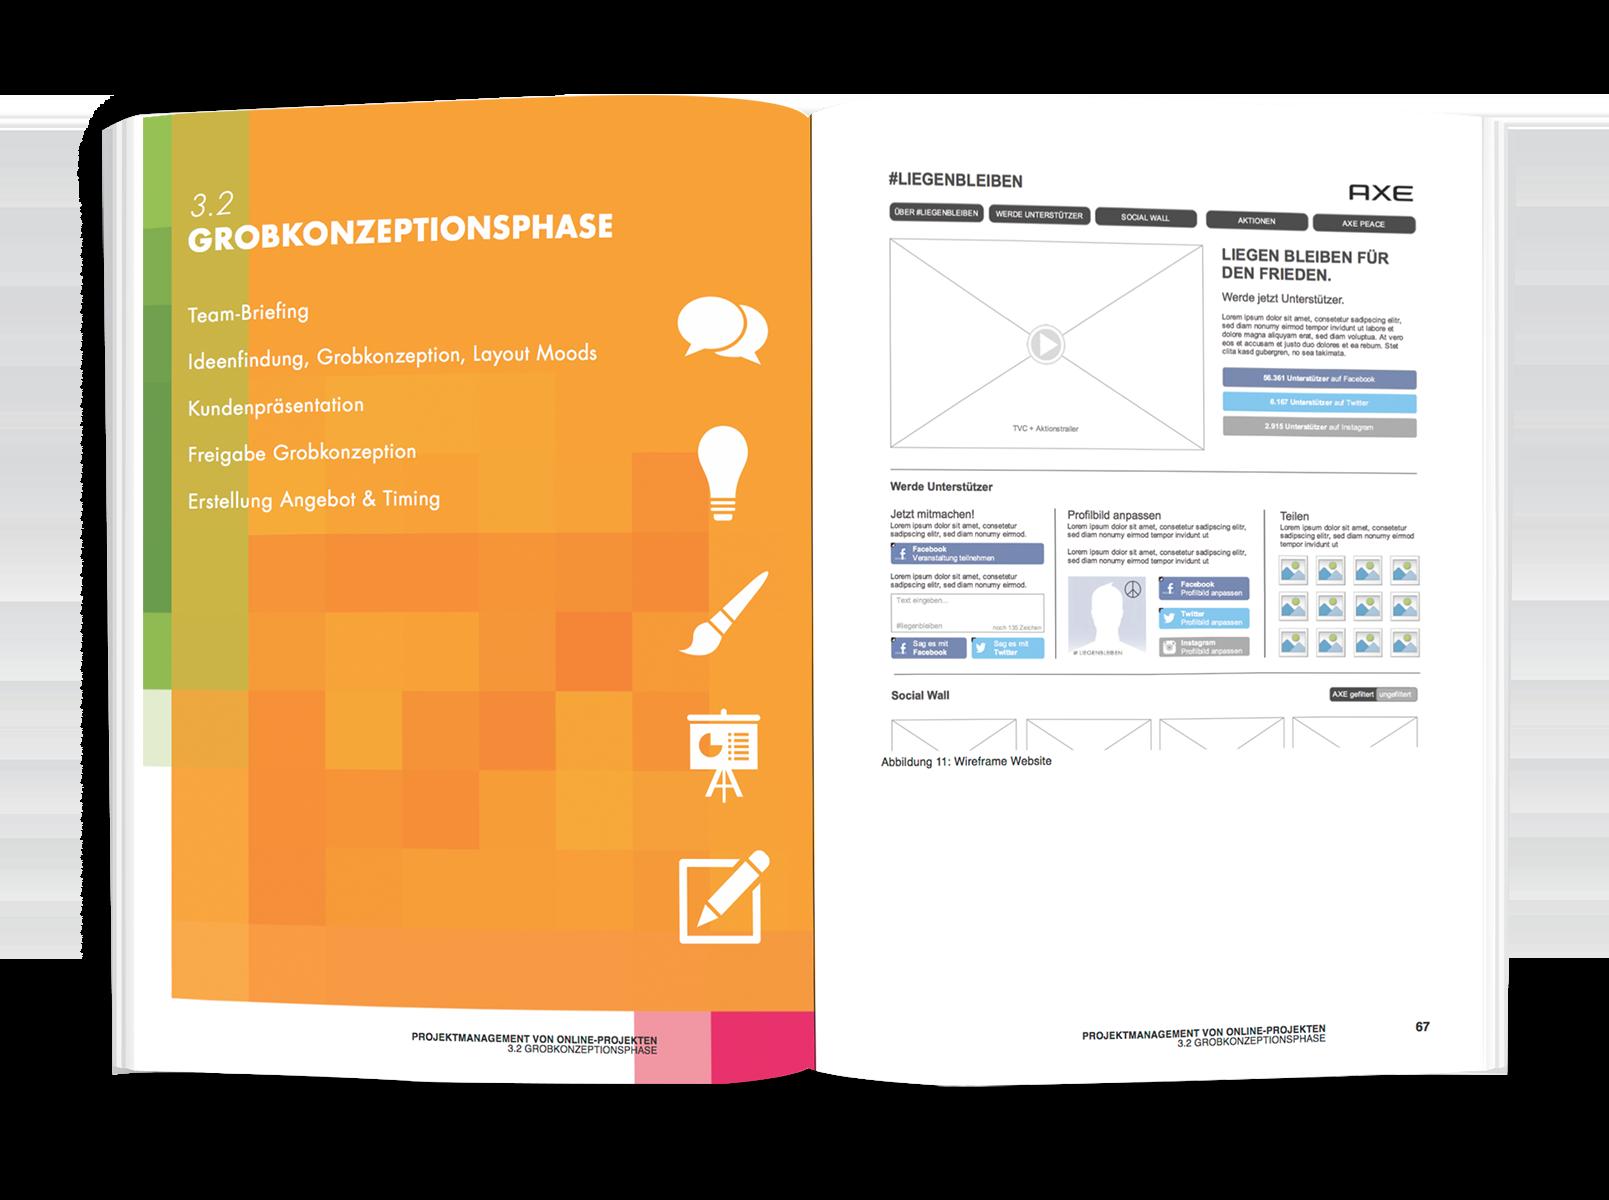 Projektmanagement von Online-Projekten - Abbildungen